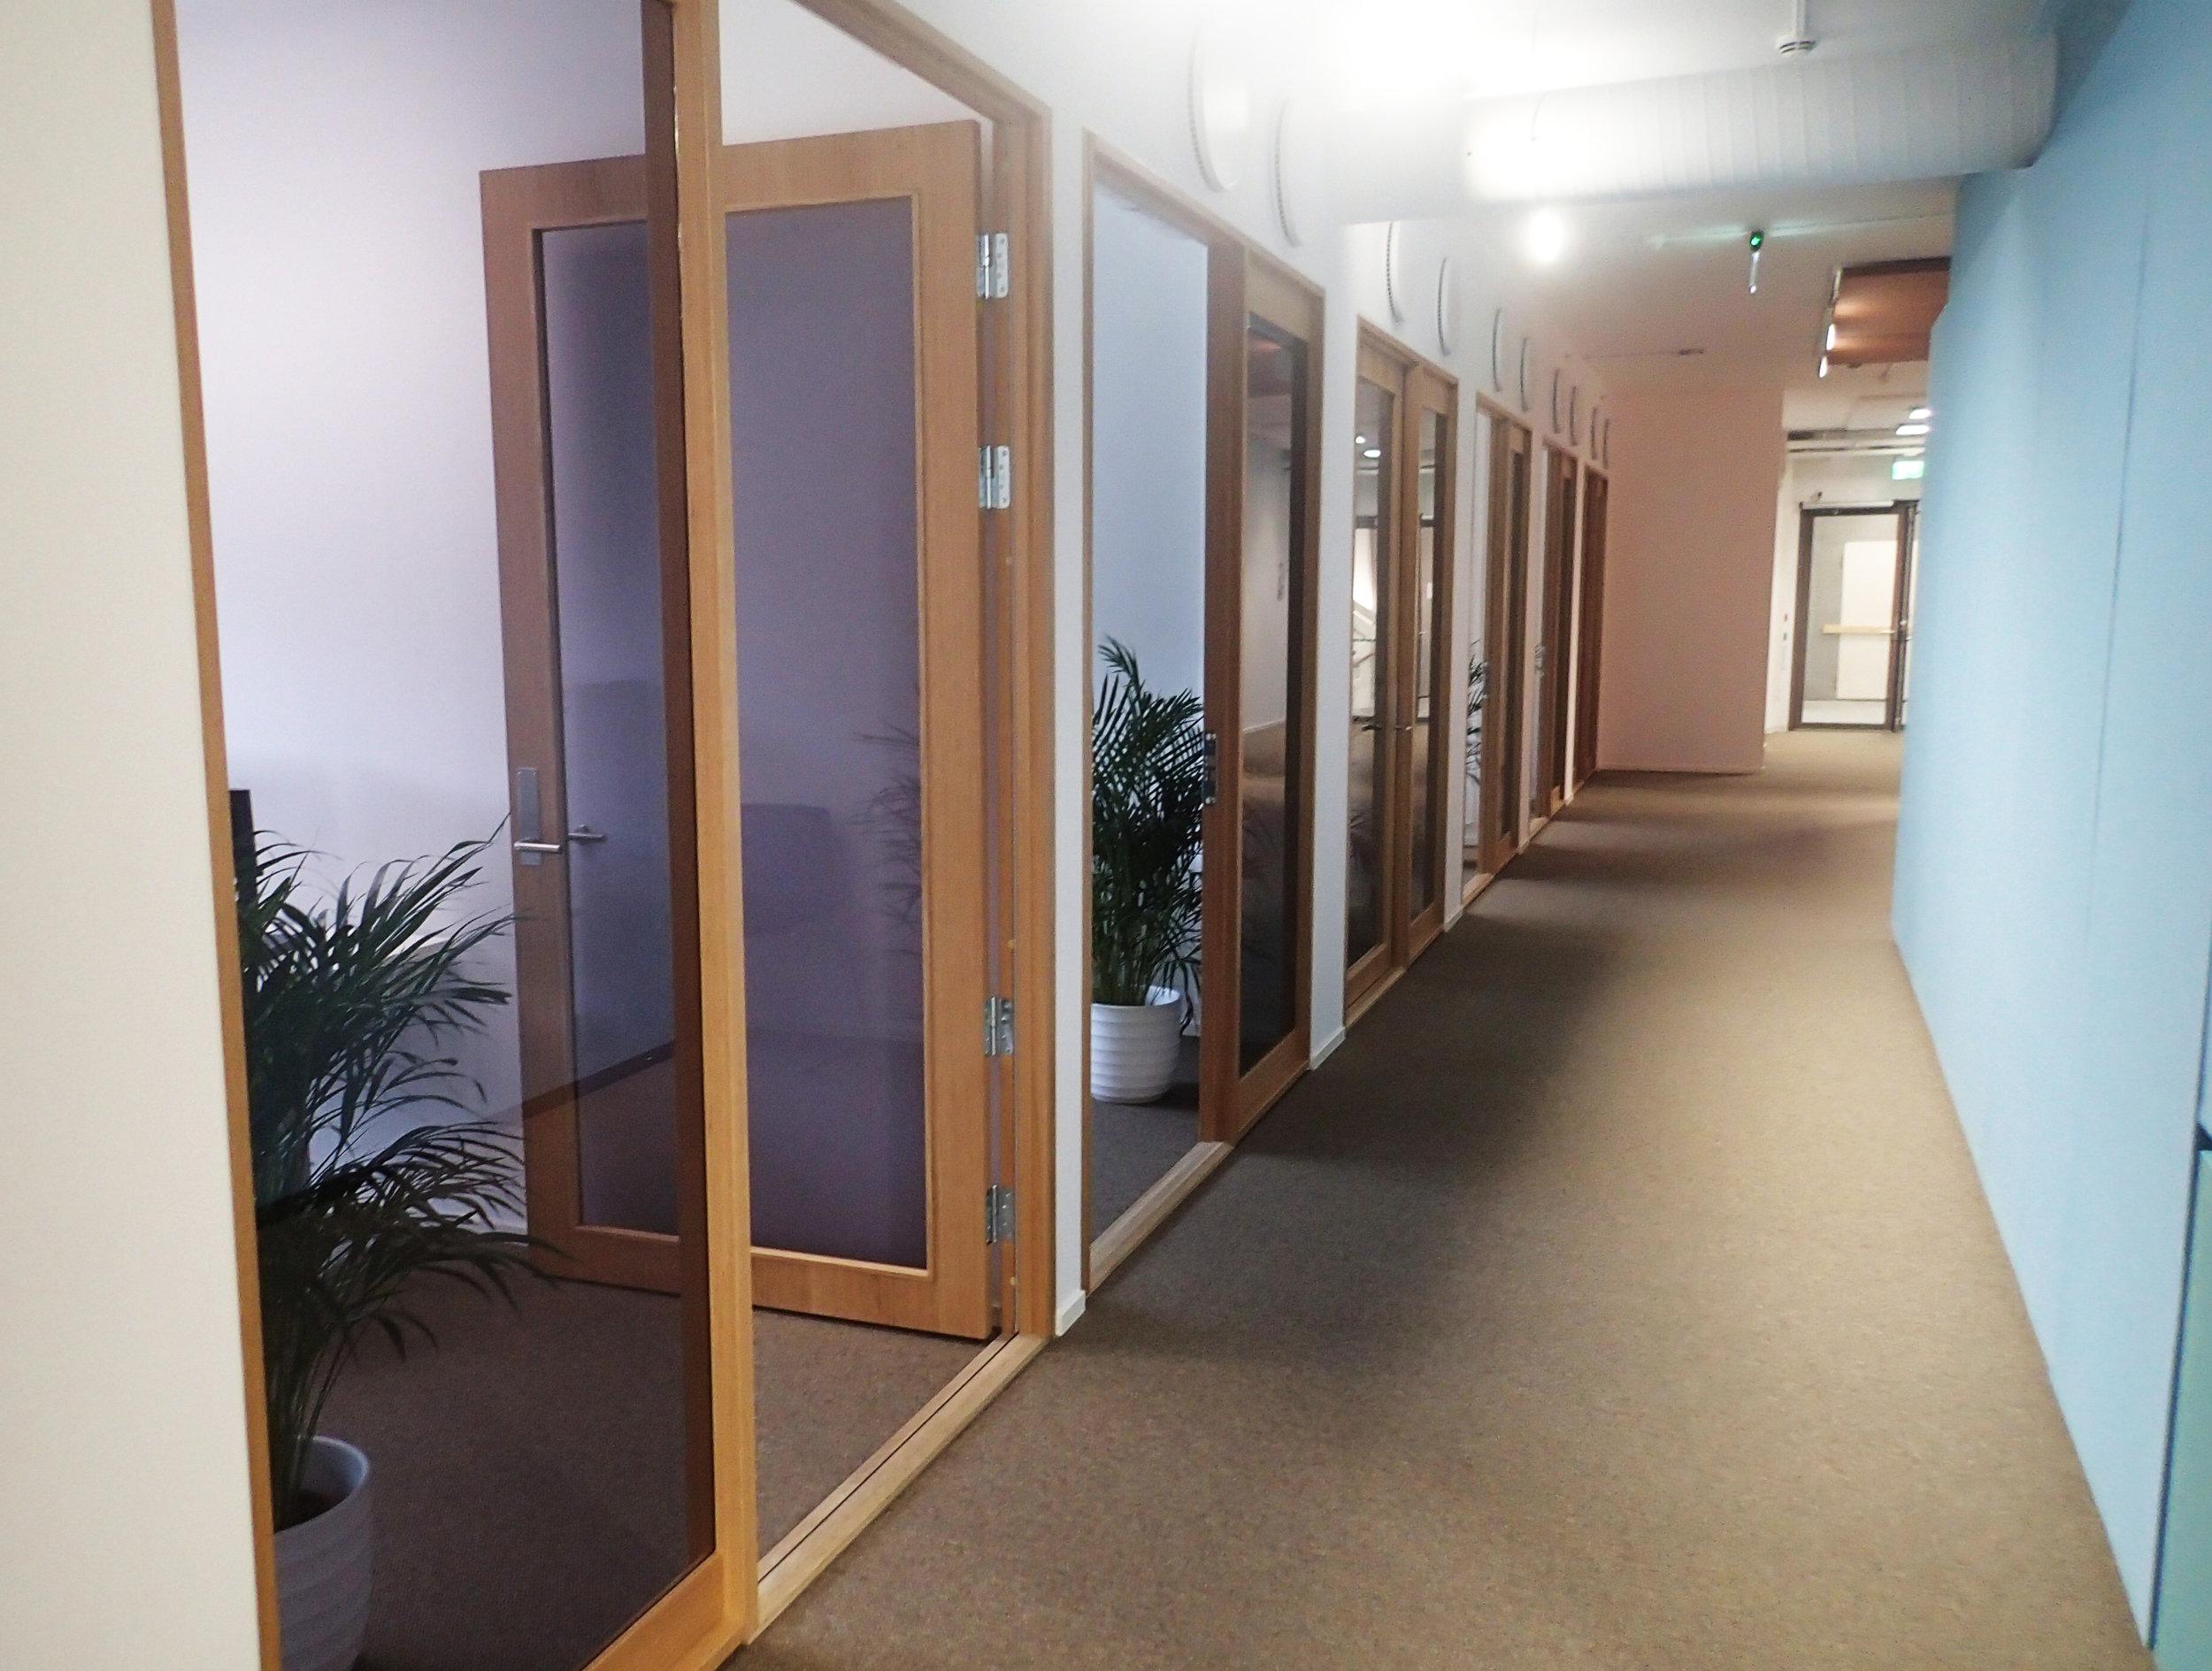 Glasset fra den opprinnelige fasaden finner vi igjen i dører og vinduer innendørs.